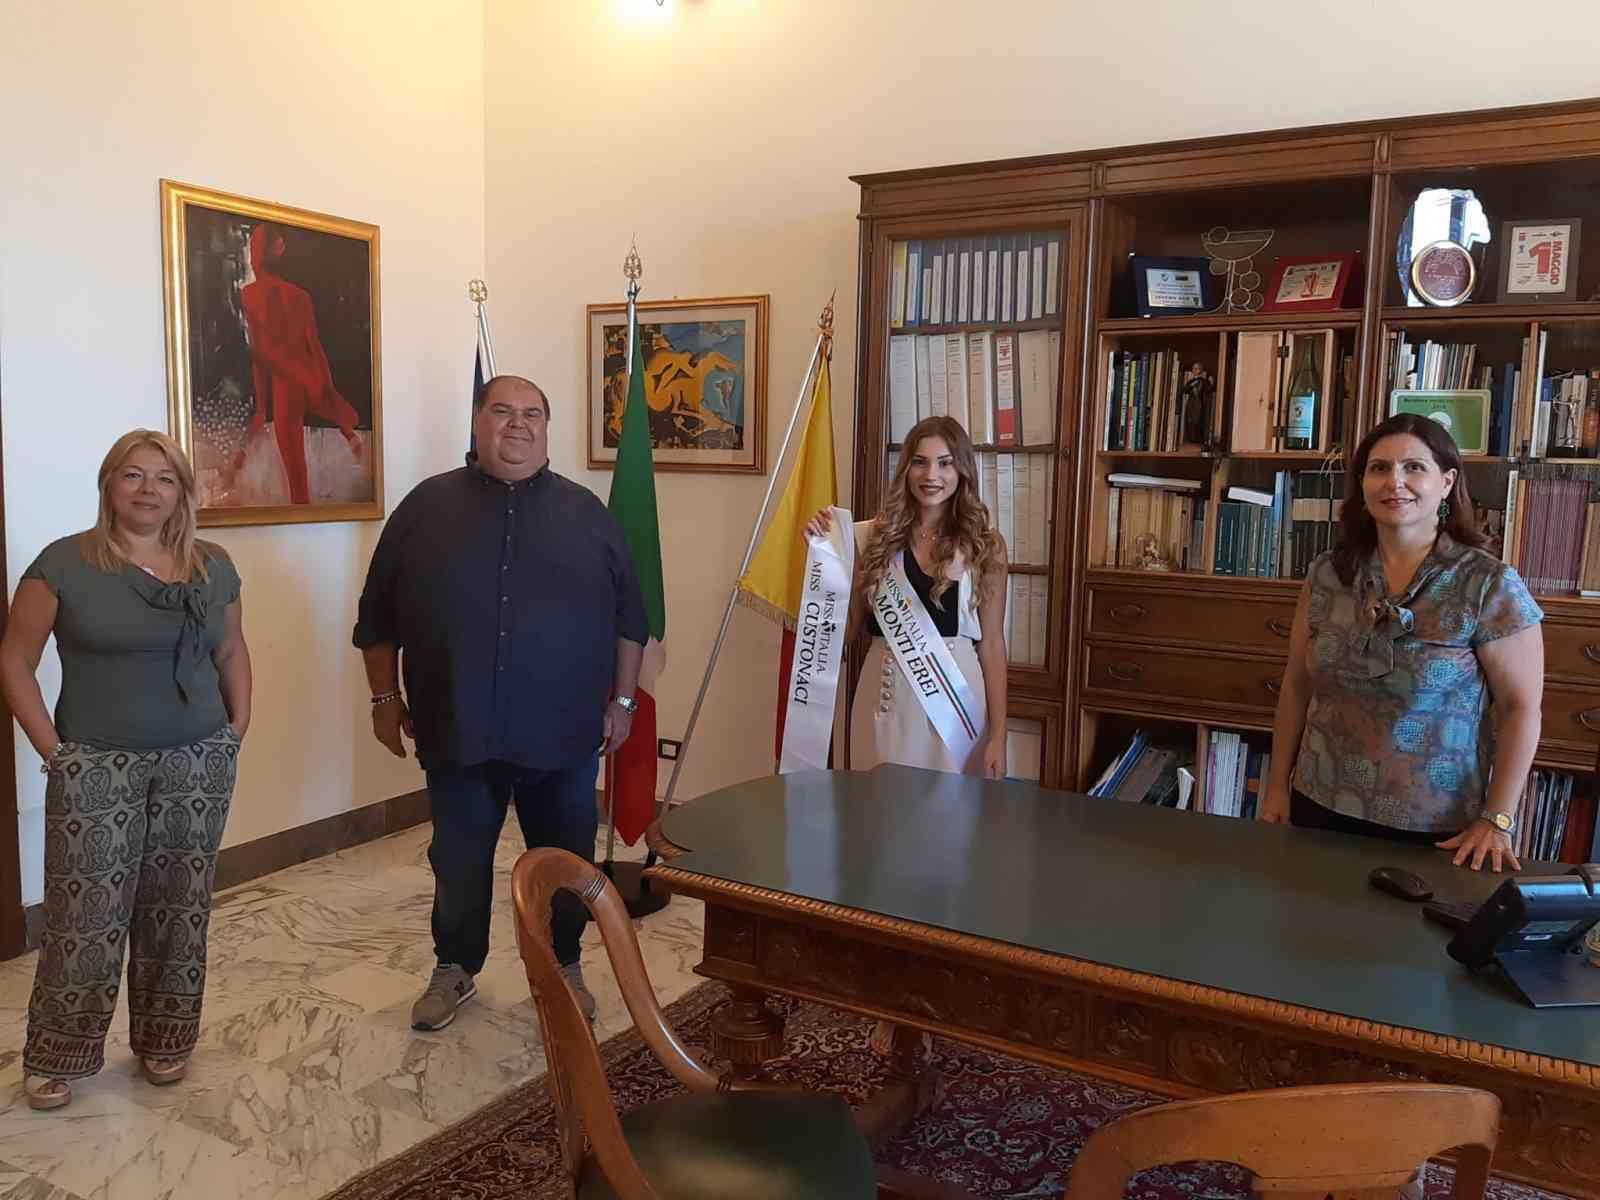 Immagine articolo: Menfi, la giovane menfitana Paola Gambina ricevuta dall'Amministrazione Mauceri. A Novembre parteciperà alle Nazionali di Miss Italia